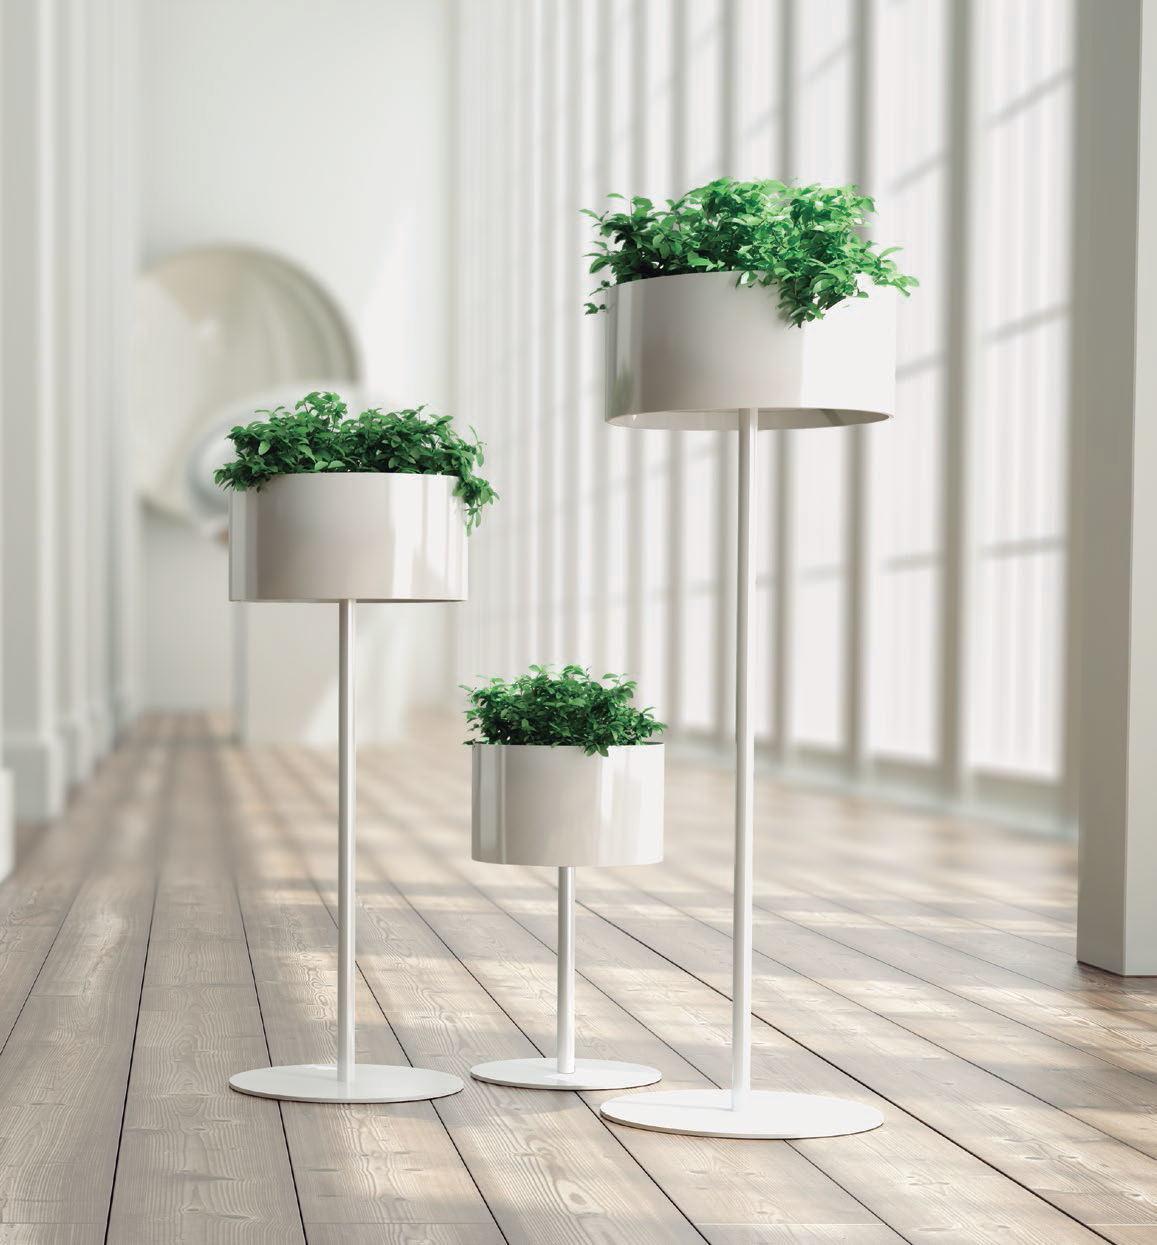 Uispair 100% Steel Floor Round Planter Flower Pot for Modern Office Garden Decoration